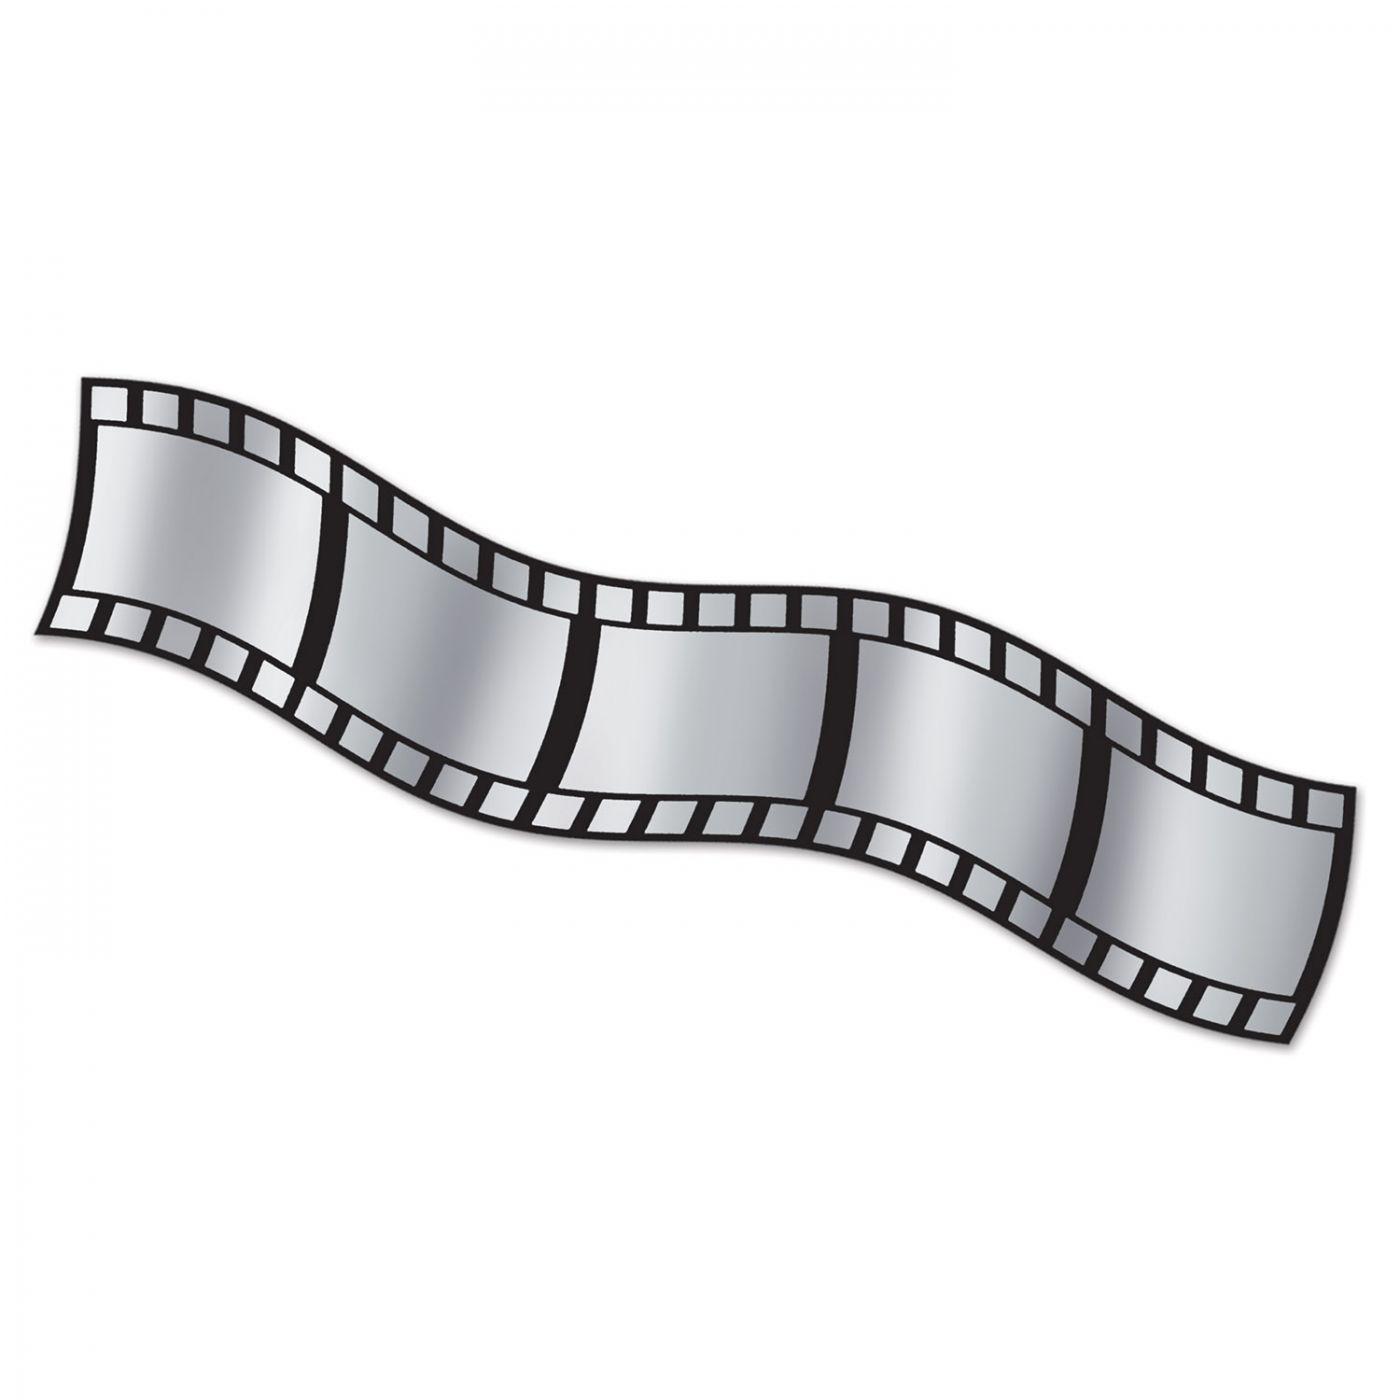 Filmstrip Metallic Decorating Material image